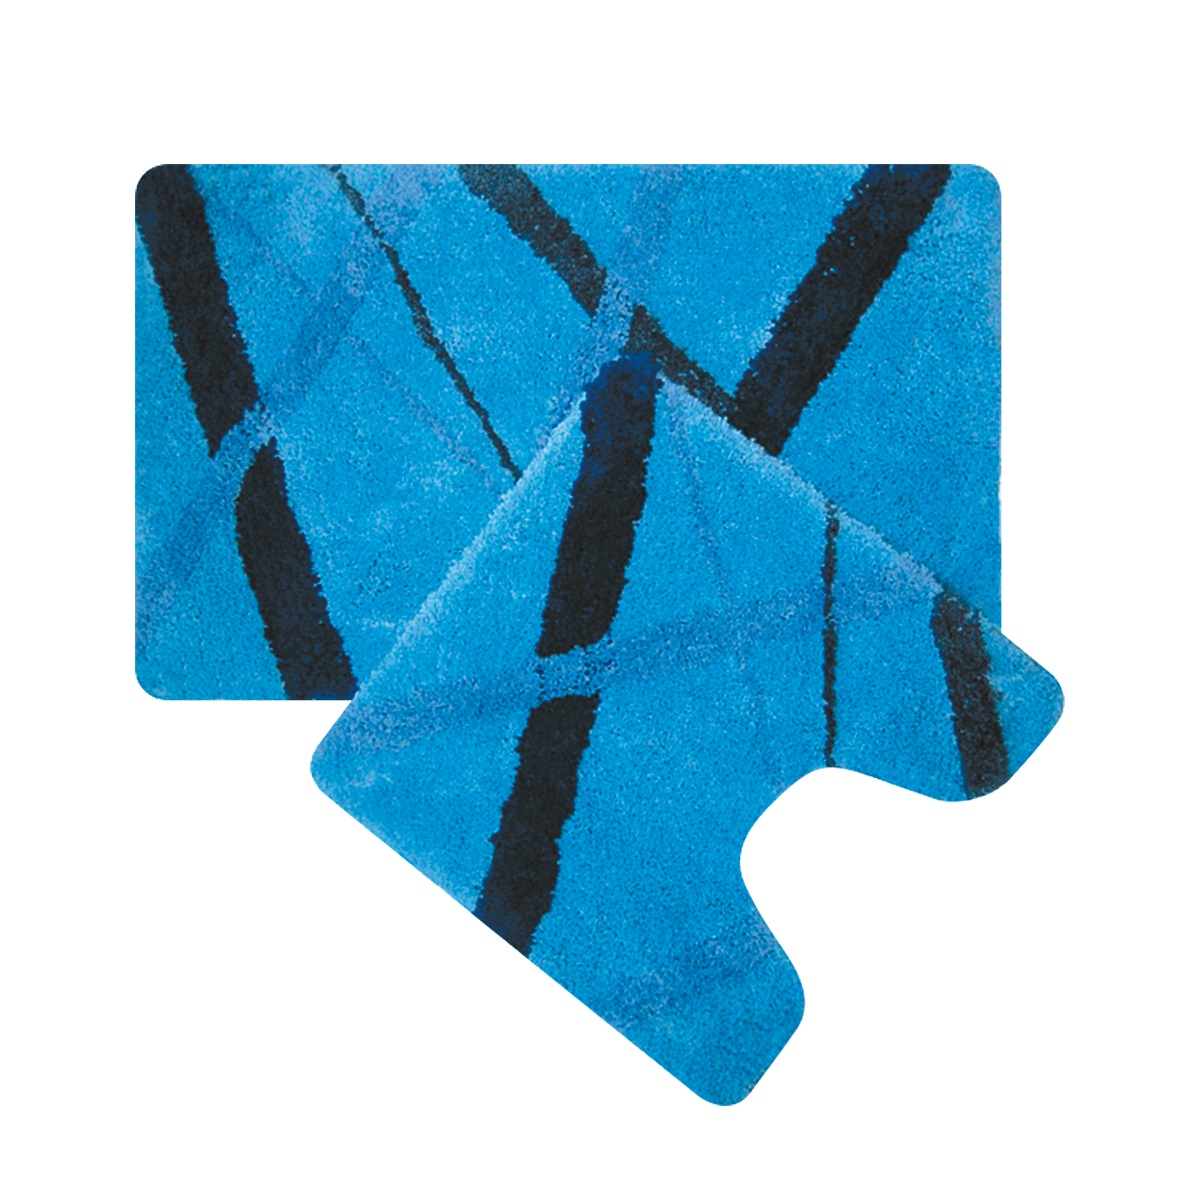 Набор ковриков для ванной Iddis Blue Rain, цвет: синий, 50 х 80 см, 50 х 50 см, 2 штMID160MSНабор ковриков для ванной комнаты и туалета Iddis выполнен из 100% полиэстера (микрофибра). Коврики имеют специальную латексную основу, благодаря которой они не скользят на напольных покрытиях в ванной, что обеспечивает безопасность во время использования. Коврики изготавливаются по специальным технологиям машинного ручного тафтинга, что гарантирует высокое качество и долговечность.Высота ворса: от 1,5 до 2,5 см.